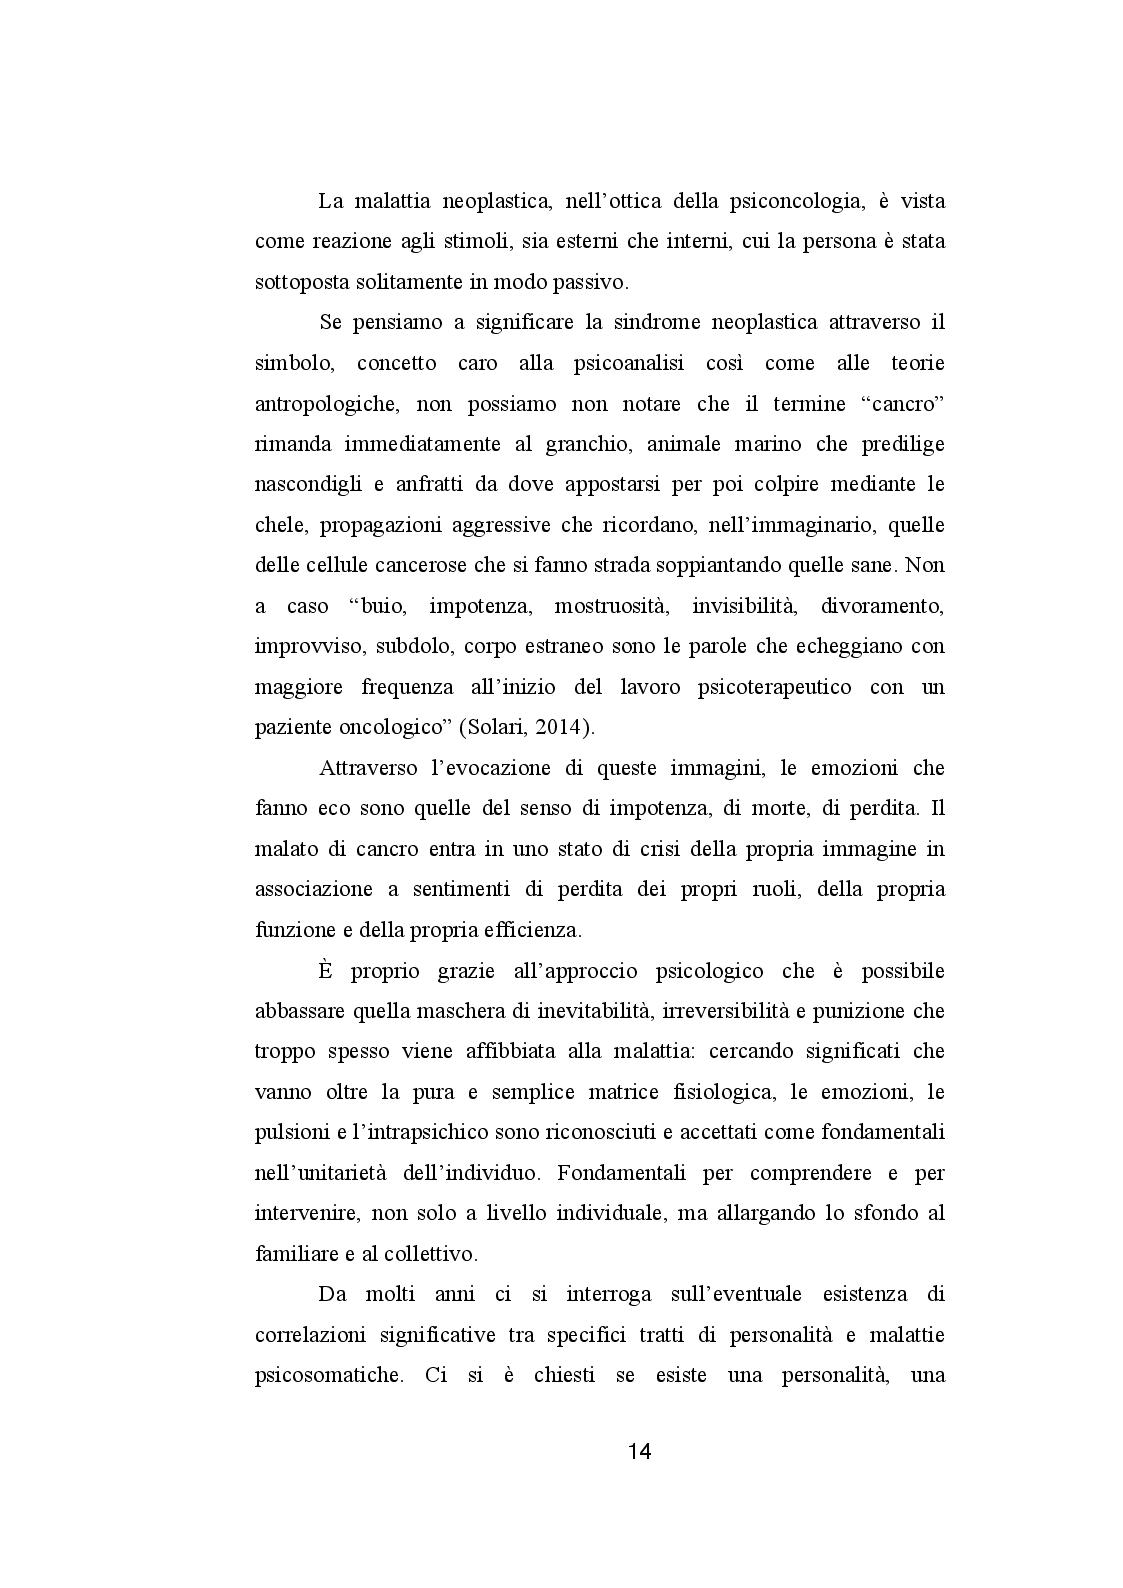 Estratto dalla tesi: CANCRO ED EMOZIONI. Implicazioni psicologiche e socio-relazionali nella sindrome psiconeoplastica